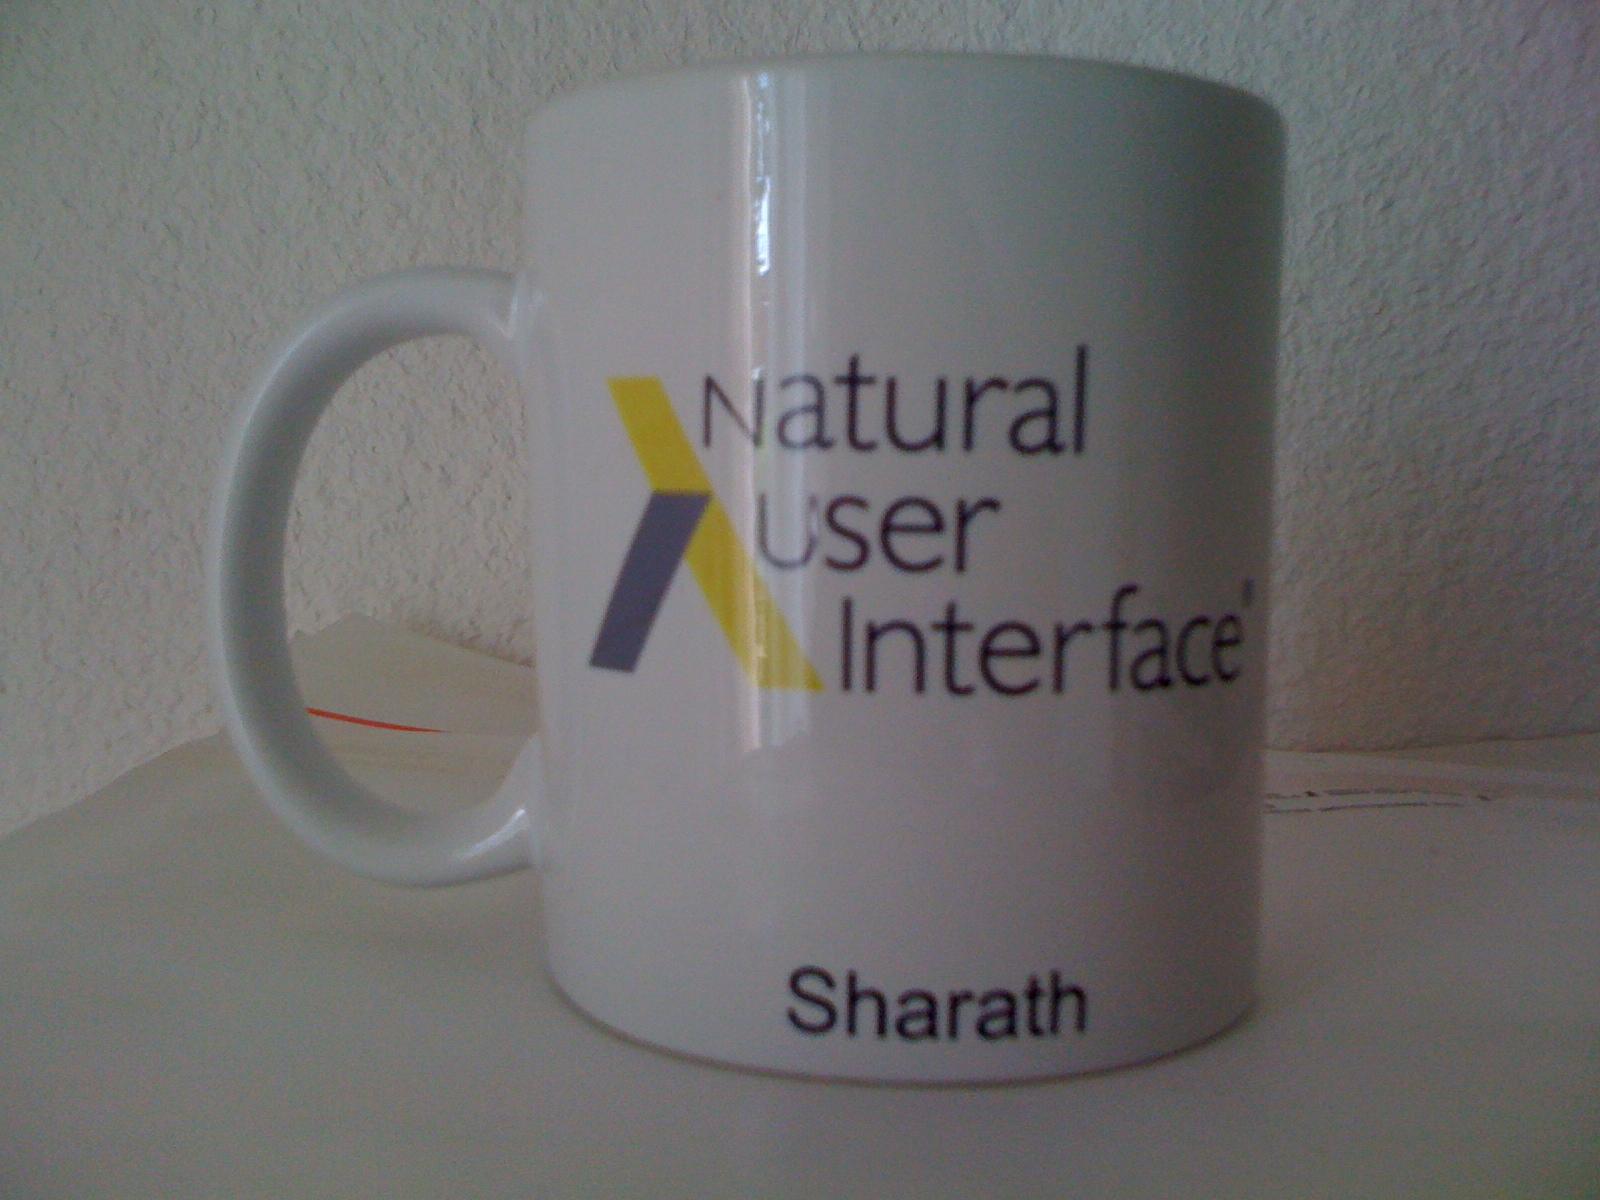 NUITeq Coffee Mug